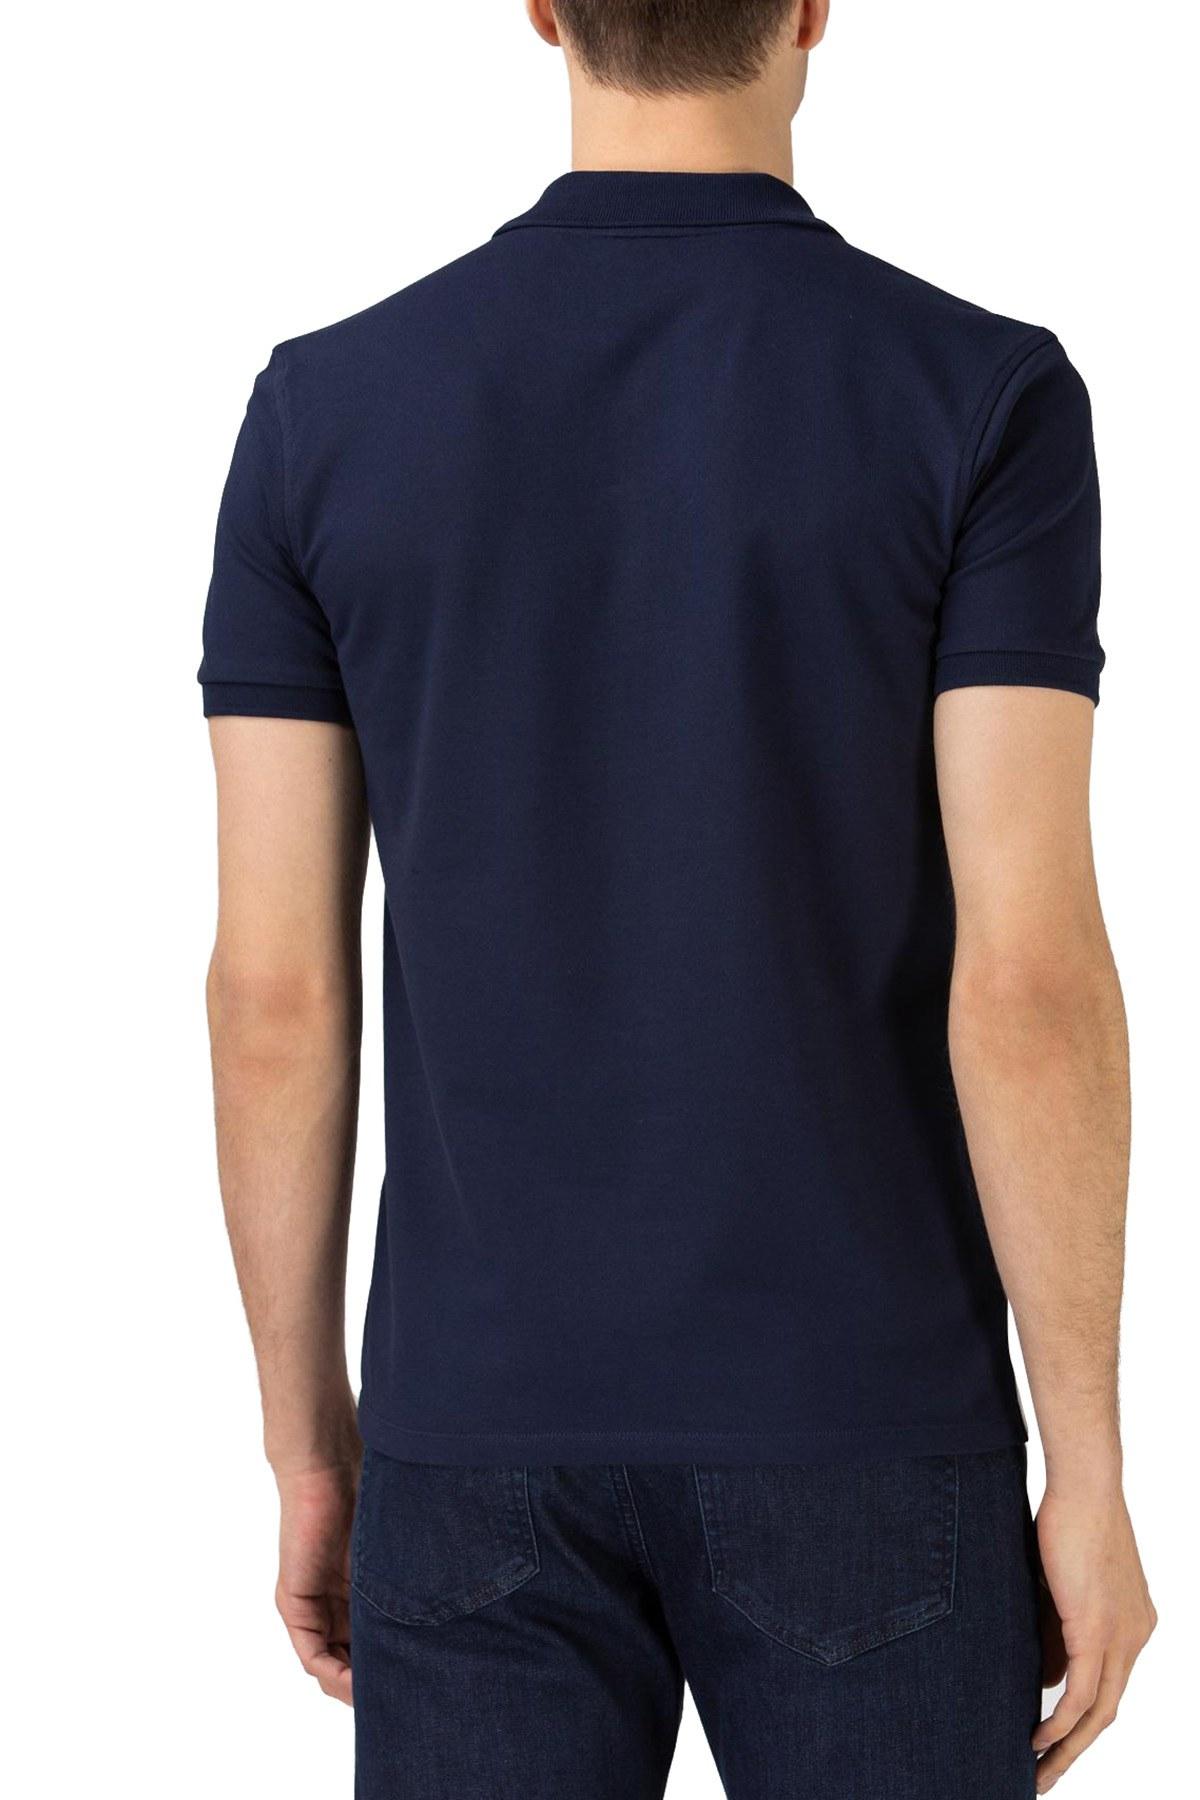 Lacoste Pamuklu Regular Fit T Shirt Erkek Polo PH0131 31L LACİVERT